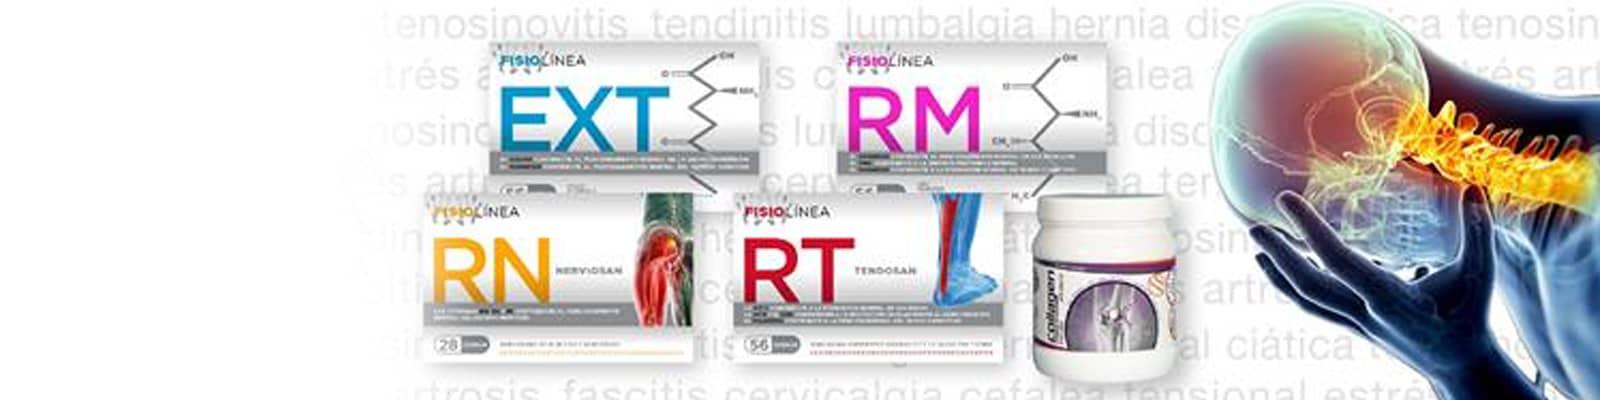 FisioLínea - Complementos nutricionales